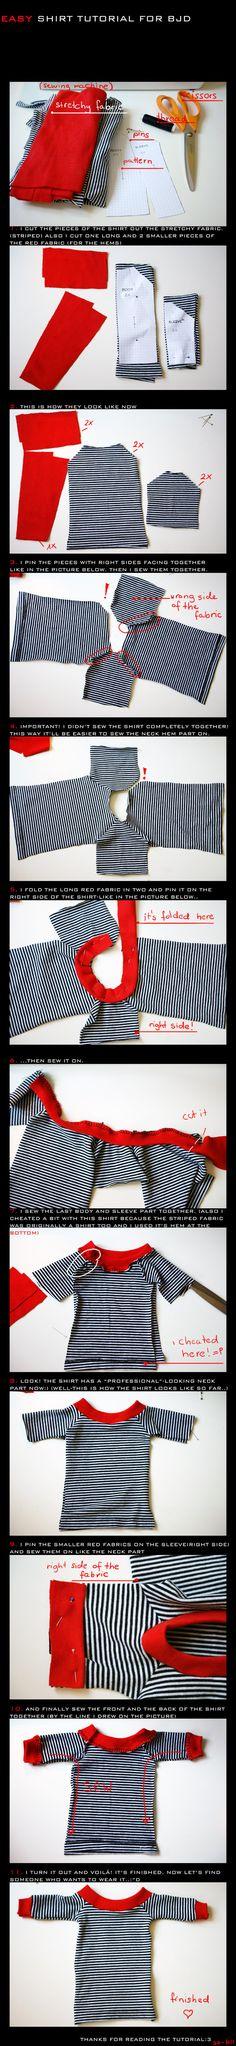 BJD shirt - TUTORIAL el patrón distinto pero la misma técnica , aunque no es la que yo utilizo